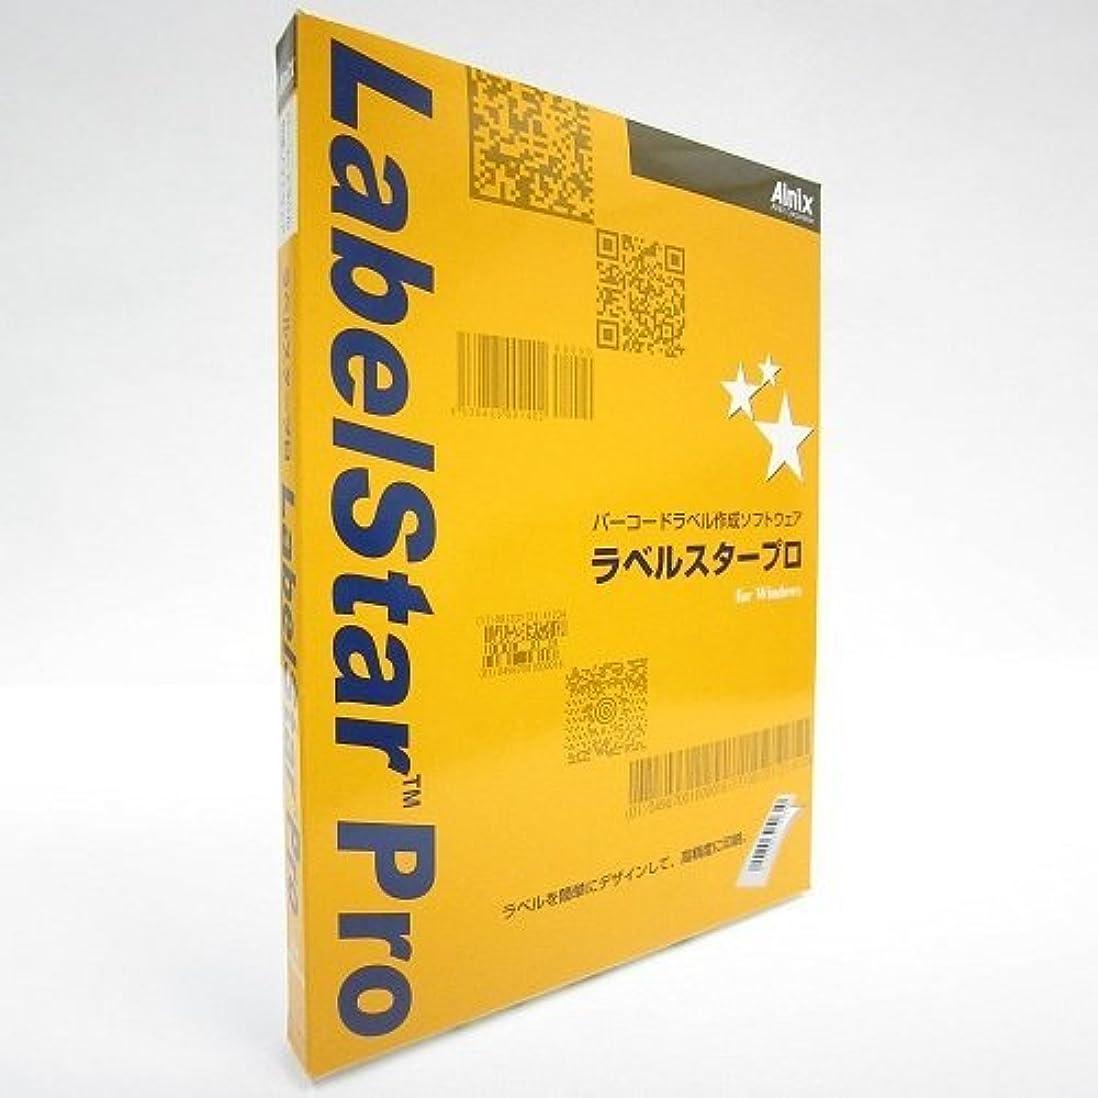 質素な霊儀式バーコードラベル作成ソフトウェア LabelSrar Pro V3.2 LSW320JA 64bit